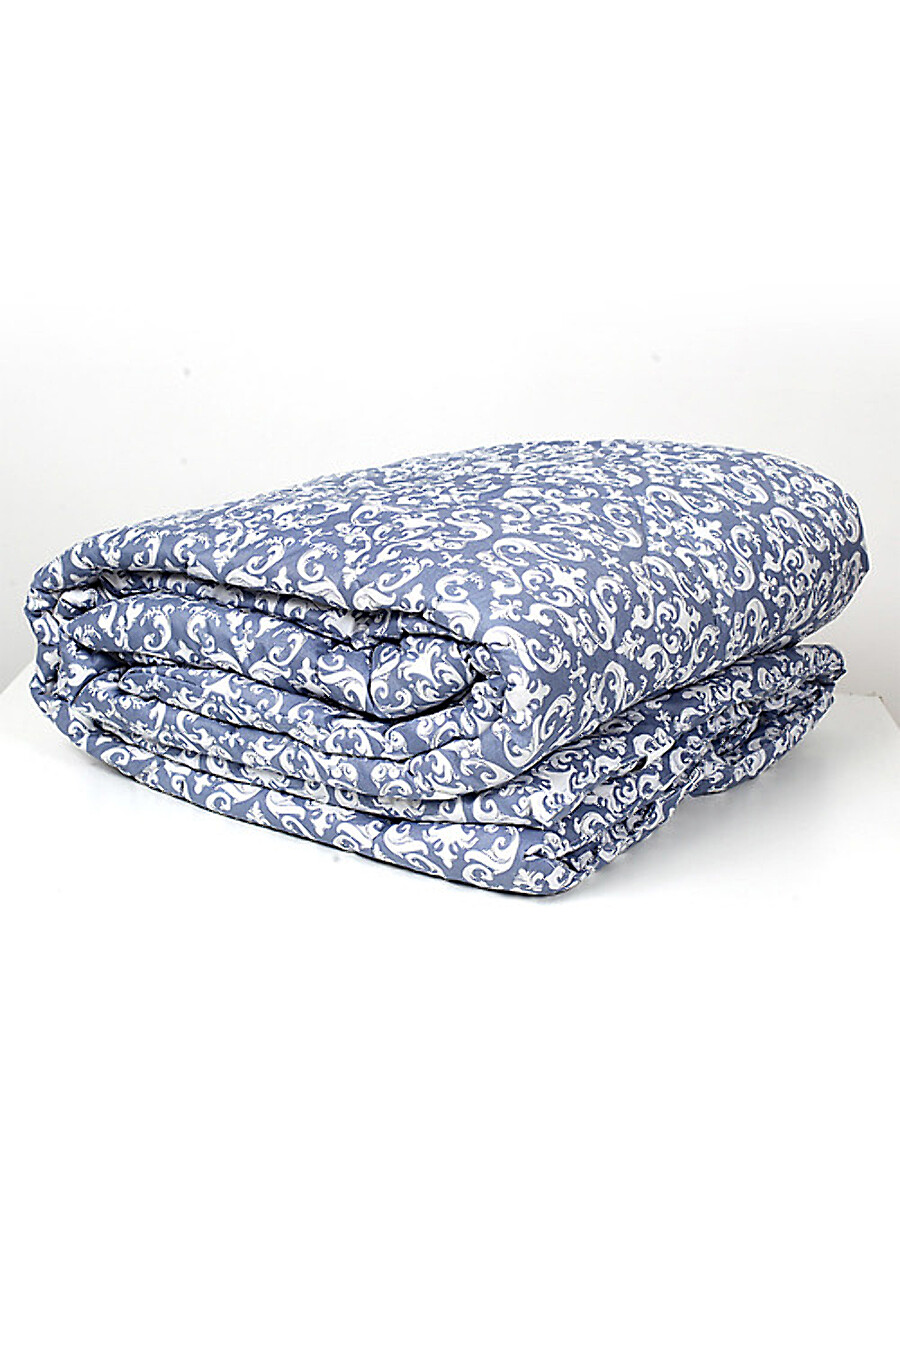 Одеяло для дома CLEVER 175889 купить оптом от производителя. Совместная покупка товаров для дома в OptMoyo